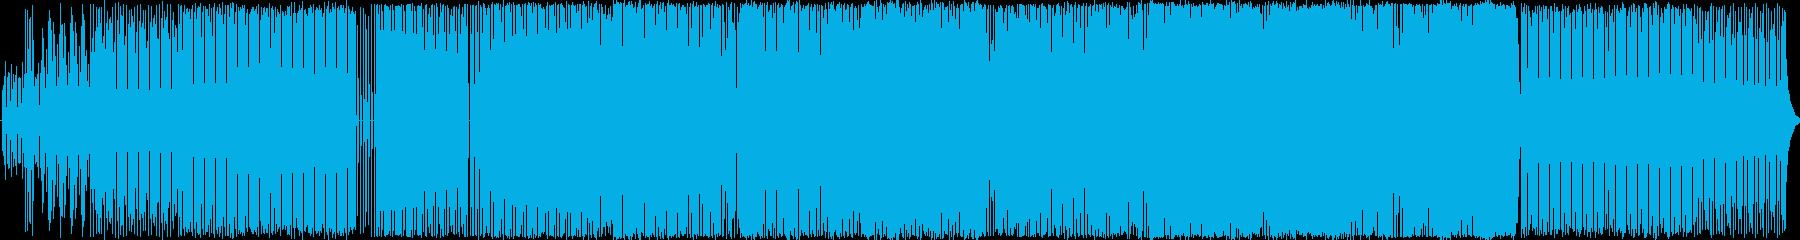 シンセサウンドのダンスBGMの再生済みの波形